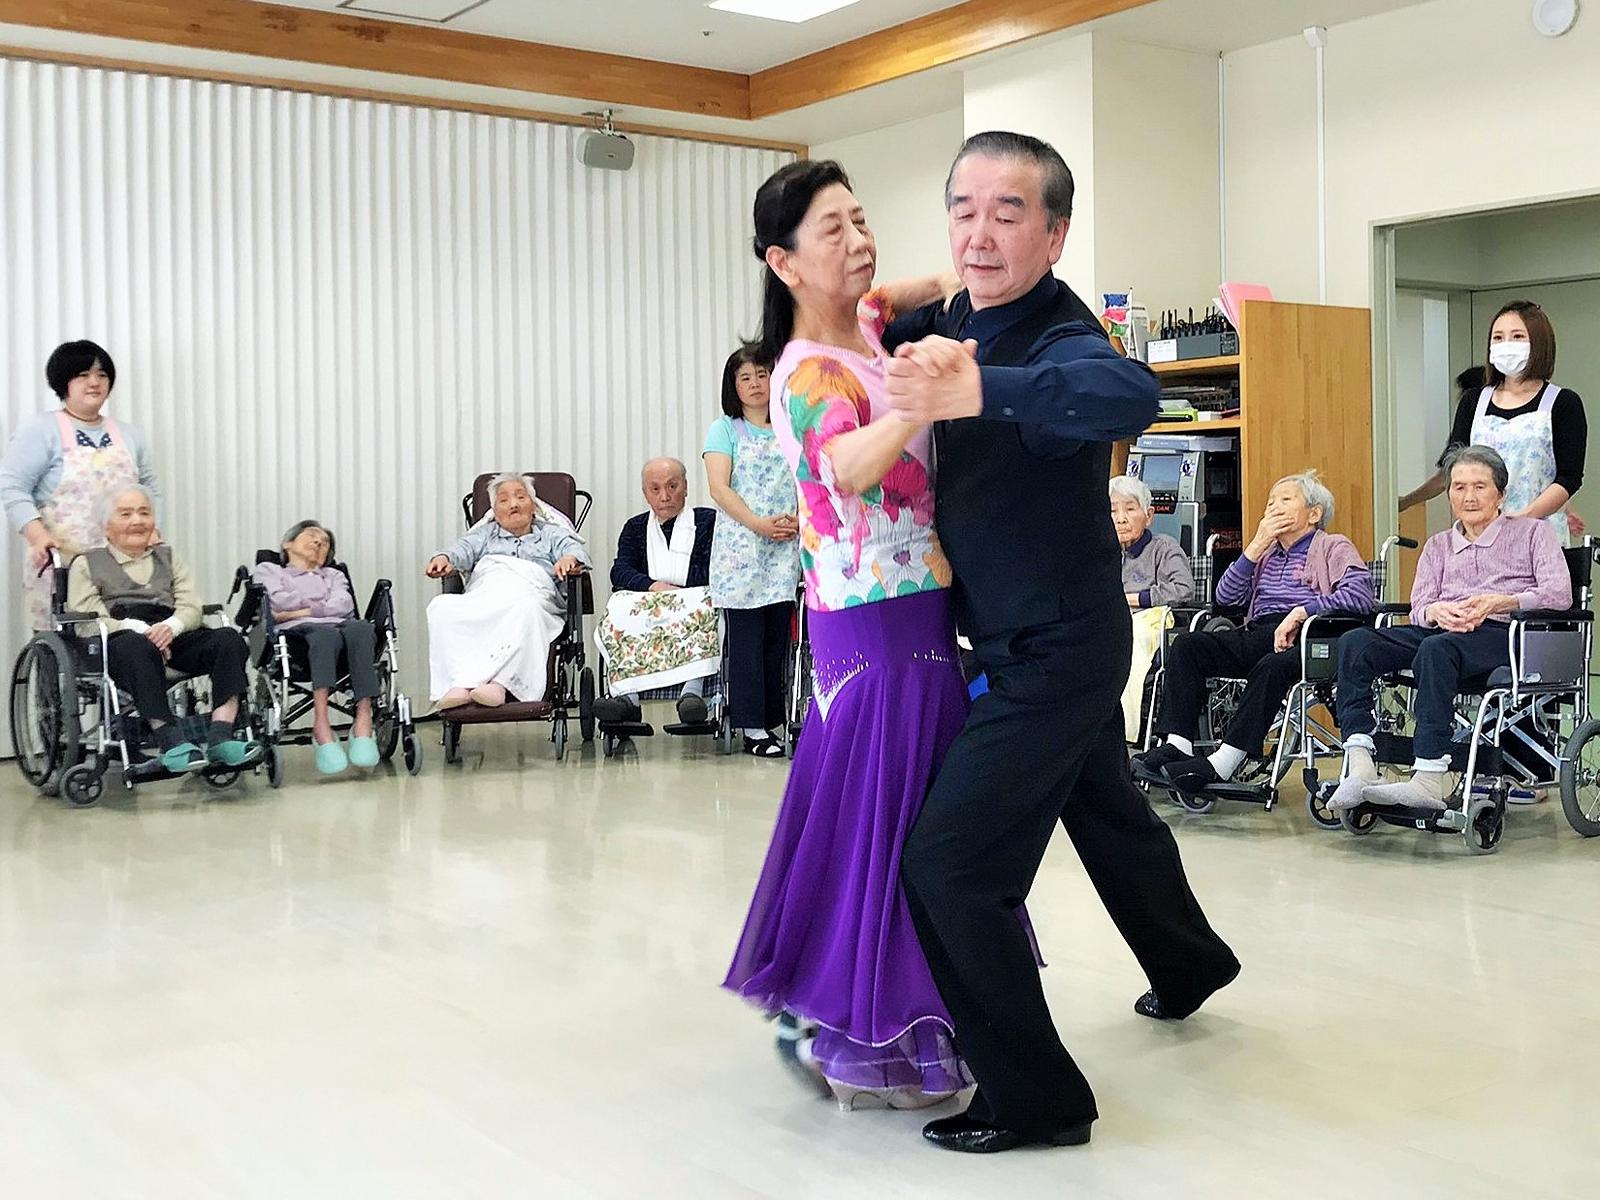 社交ダンスの披露